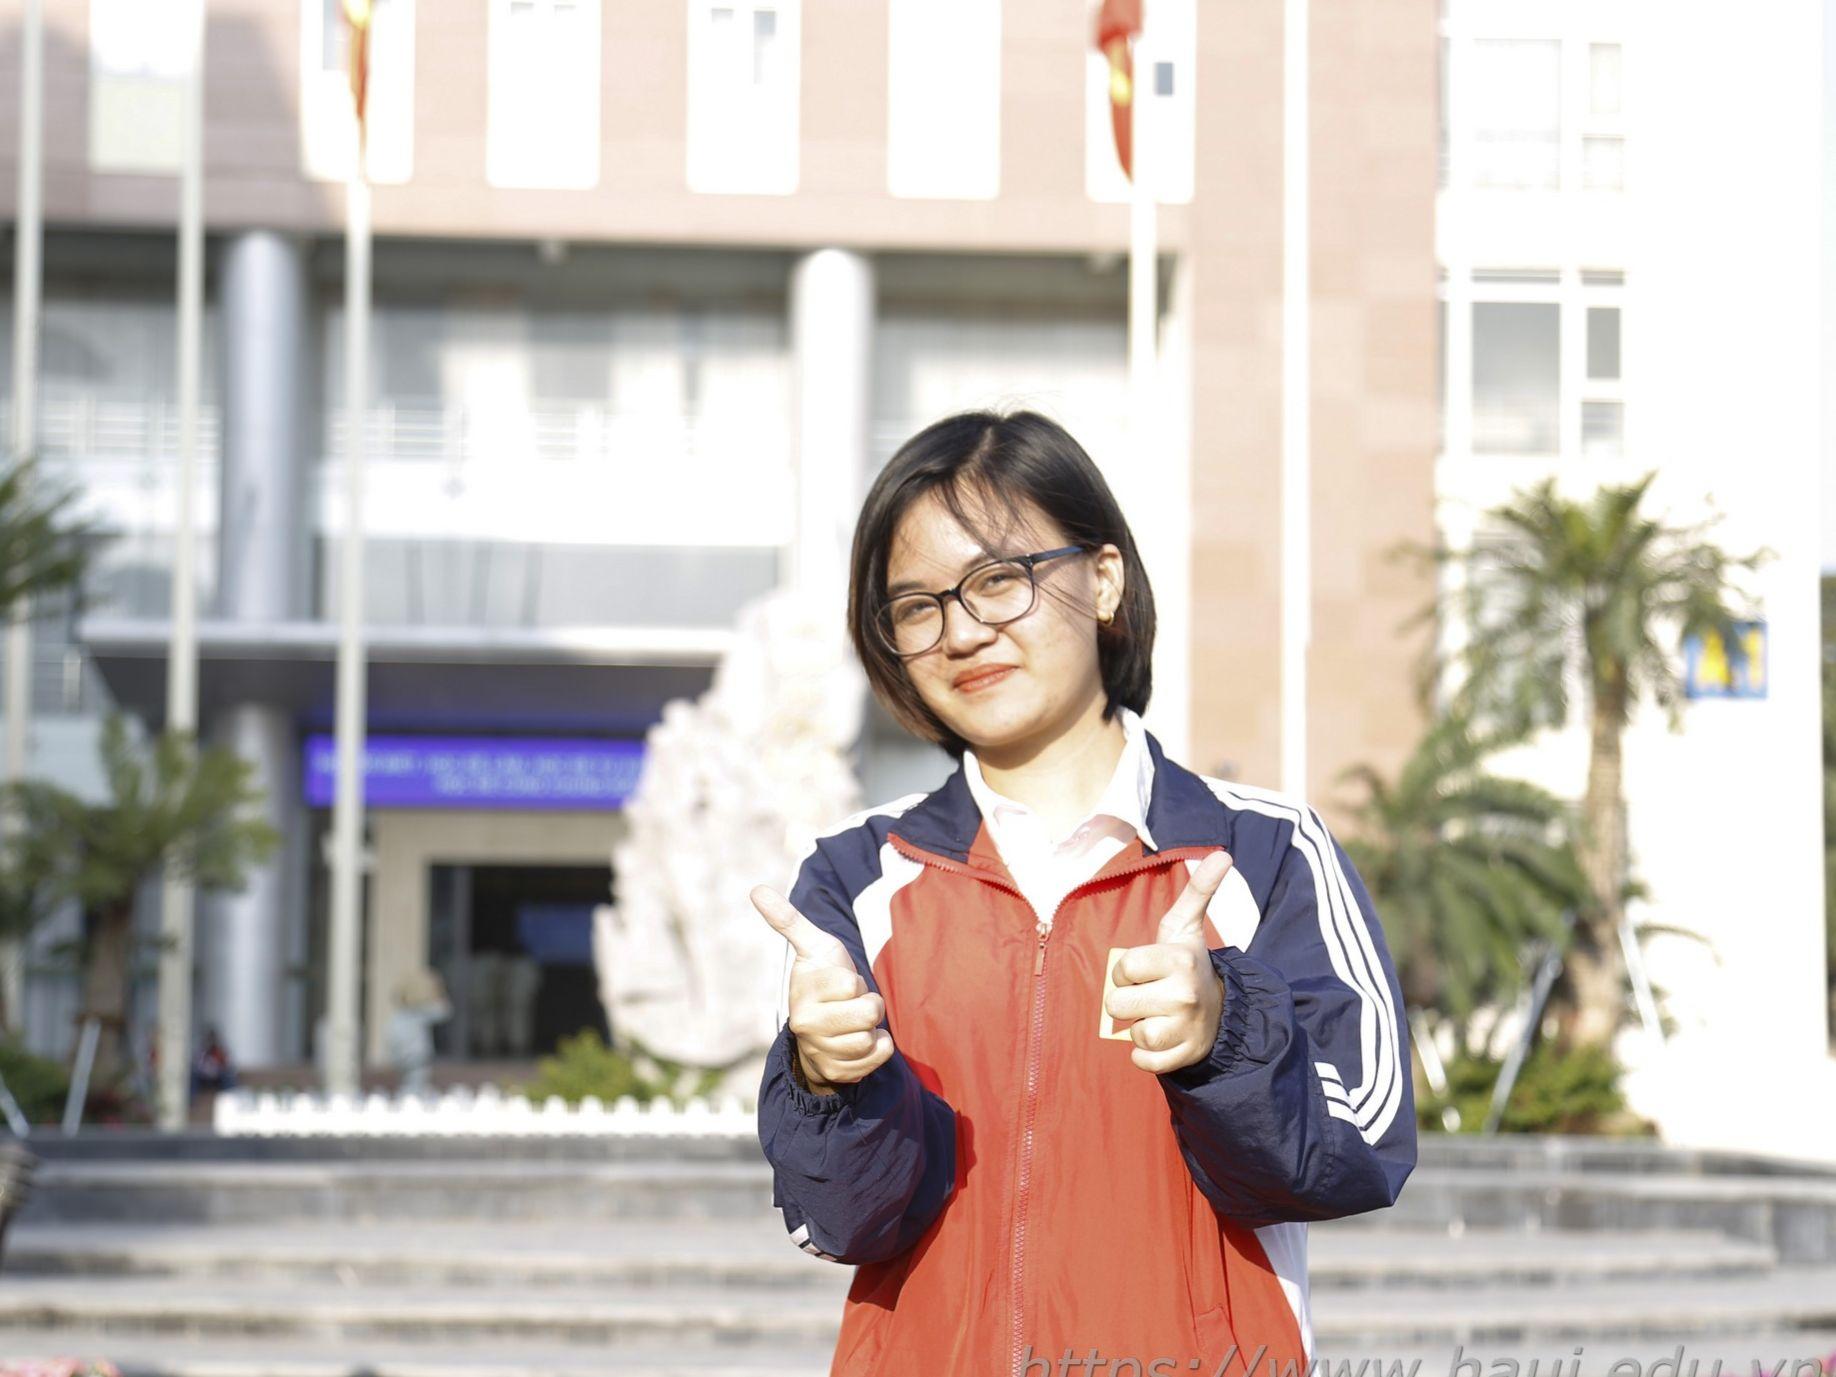 Đại học Công nghiệp Hà Nội viết tiếp ước mơ cho Hằng Nga - cô sinh viên mồ côi vượt khó